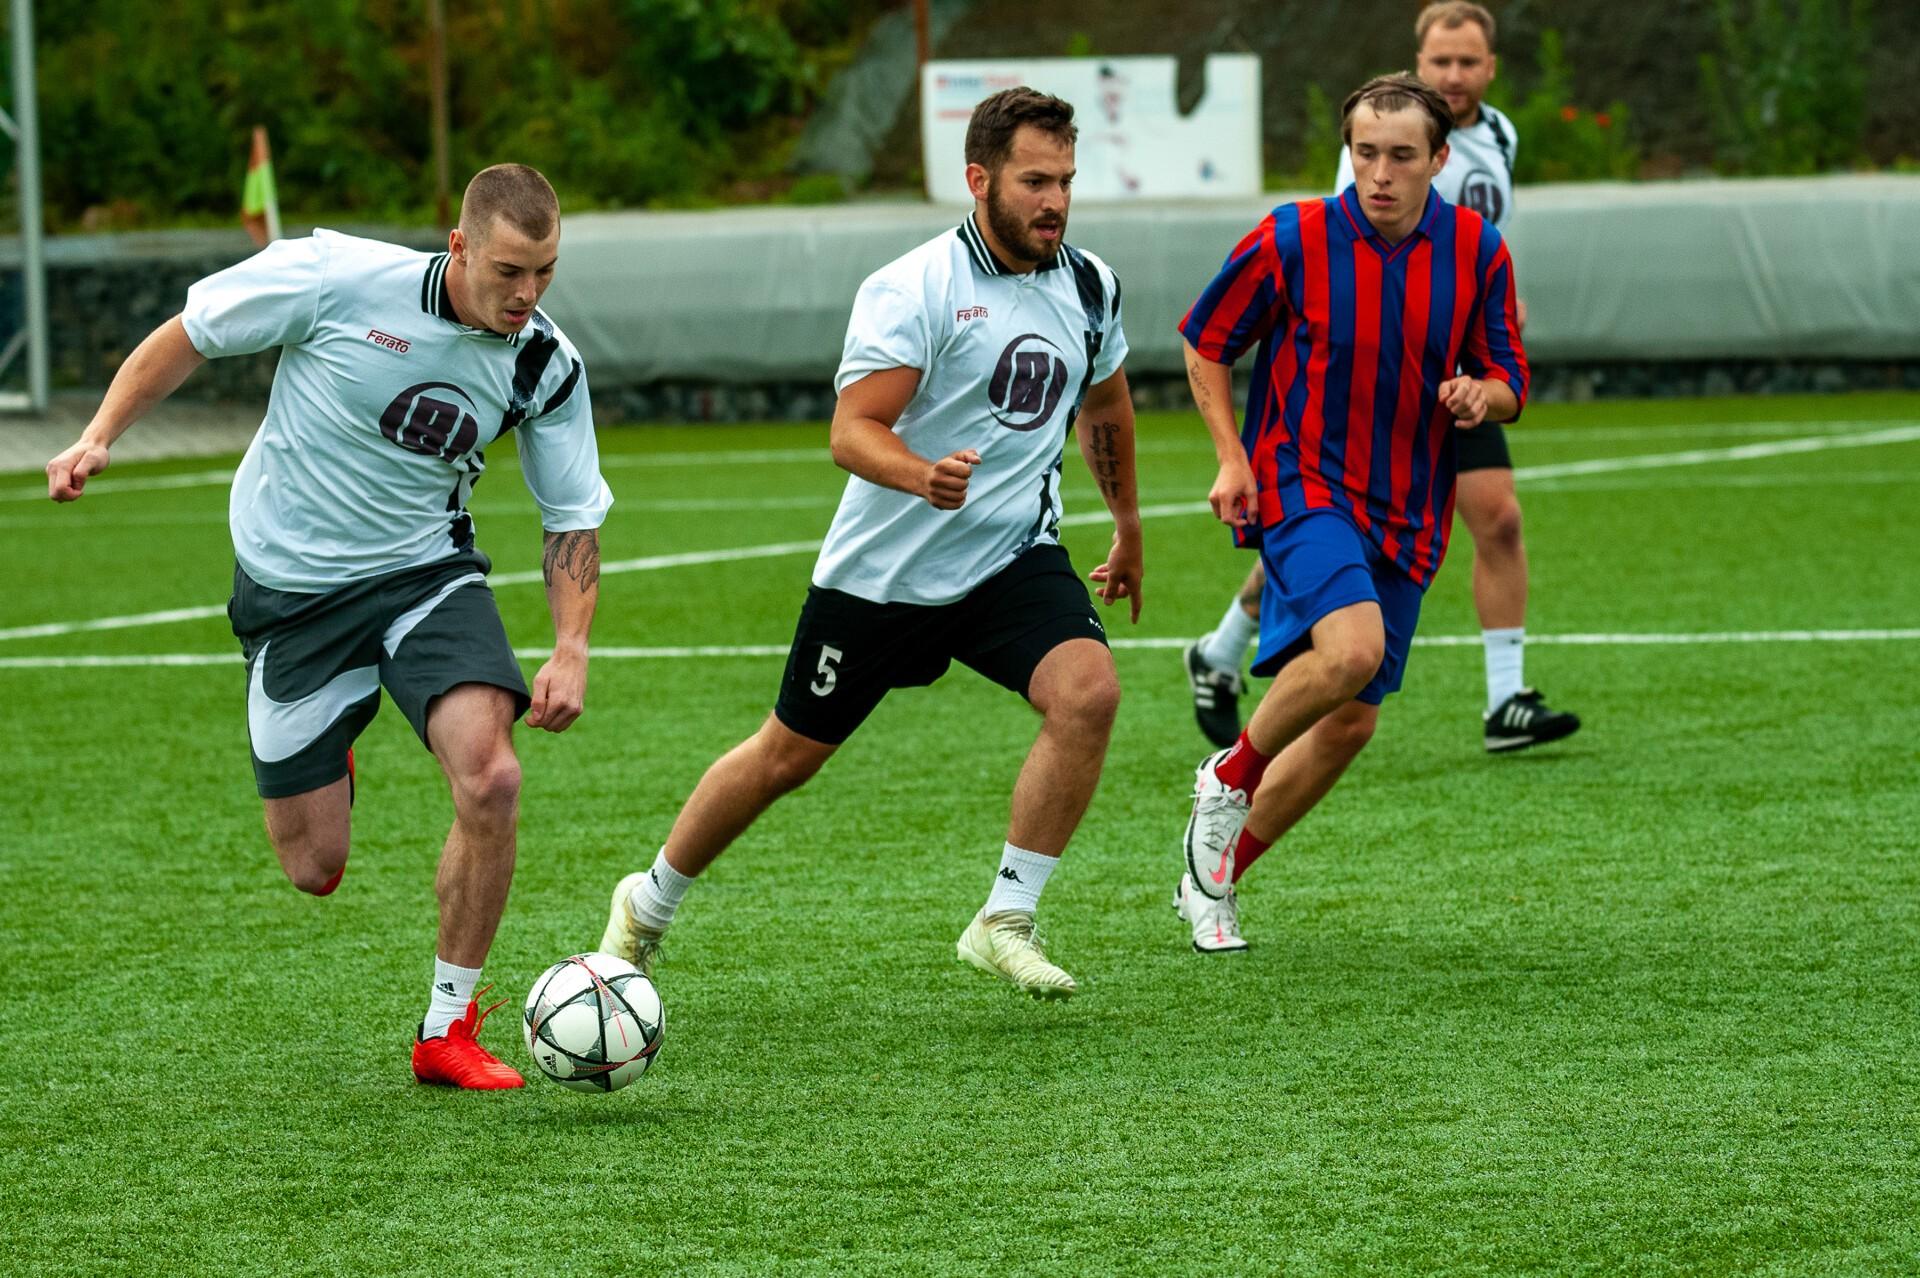 Fotbalový turnaj PRD-CUP 2021